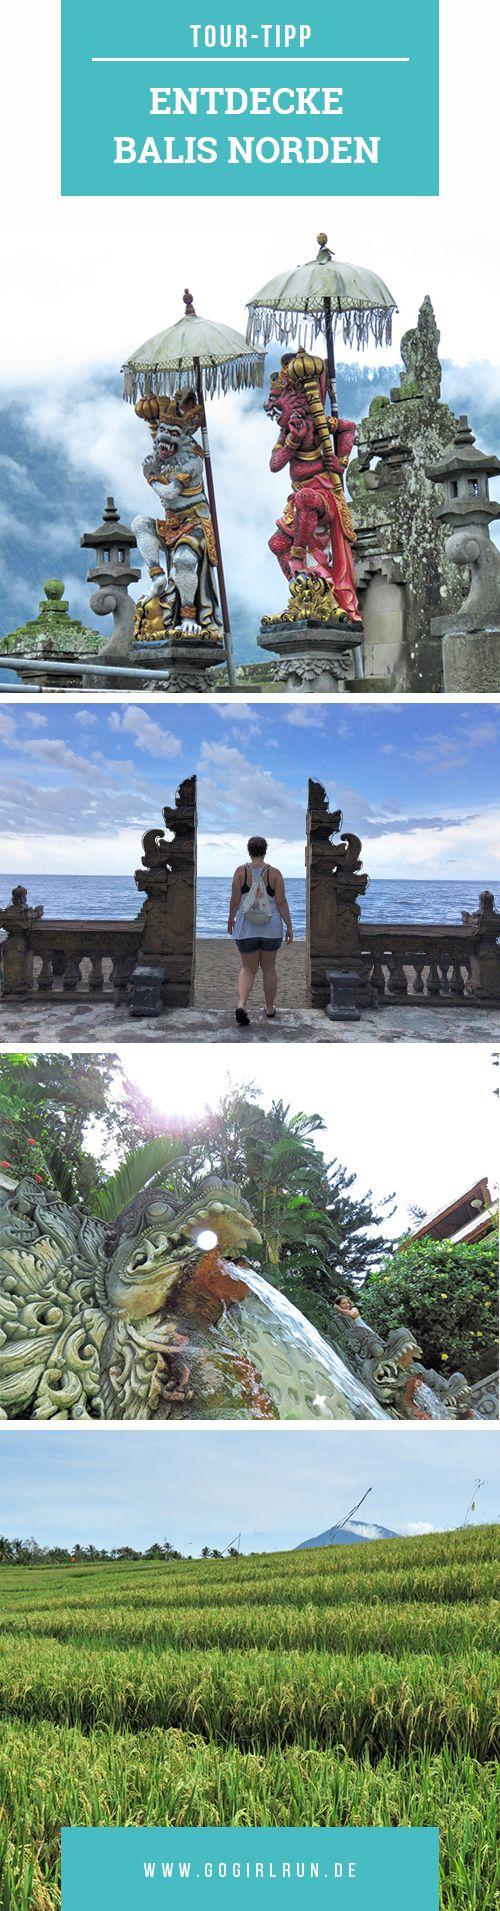 Entdecke Balis Norden mit einer Private Tour von rent-a-guide. Tauche ein in die Welt der Reisterassen, Tempel & liebenswerten Menschen Indonsiens.